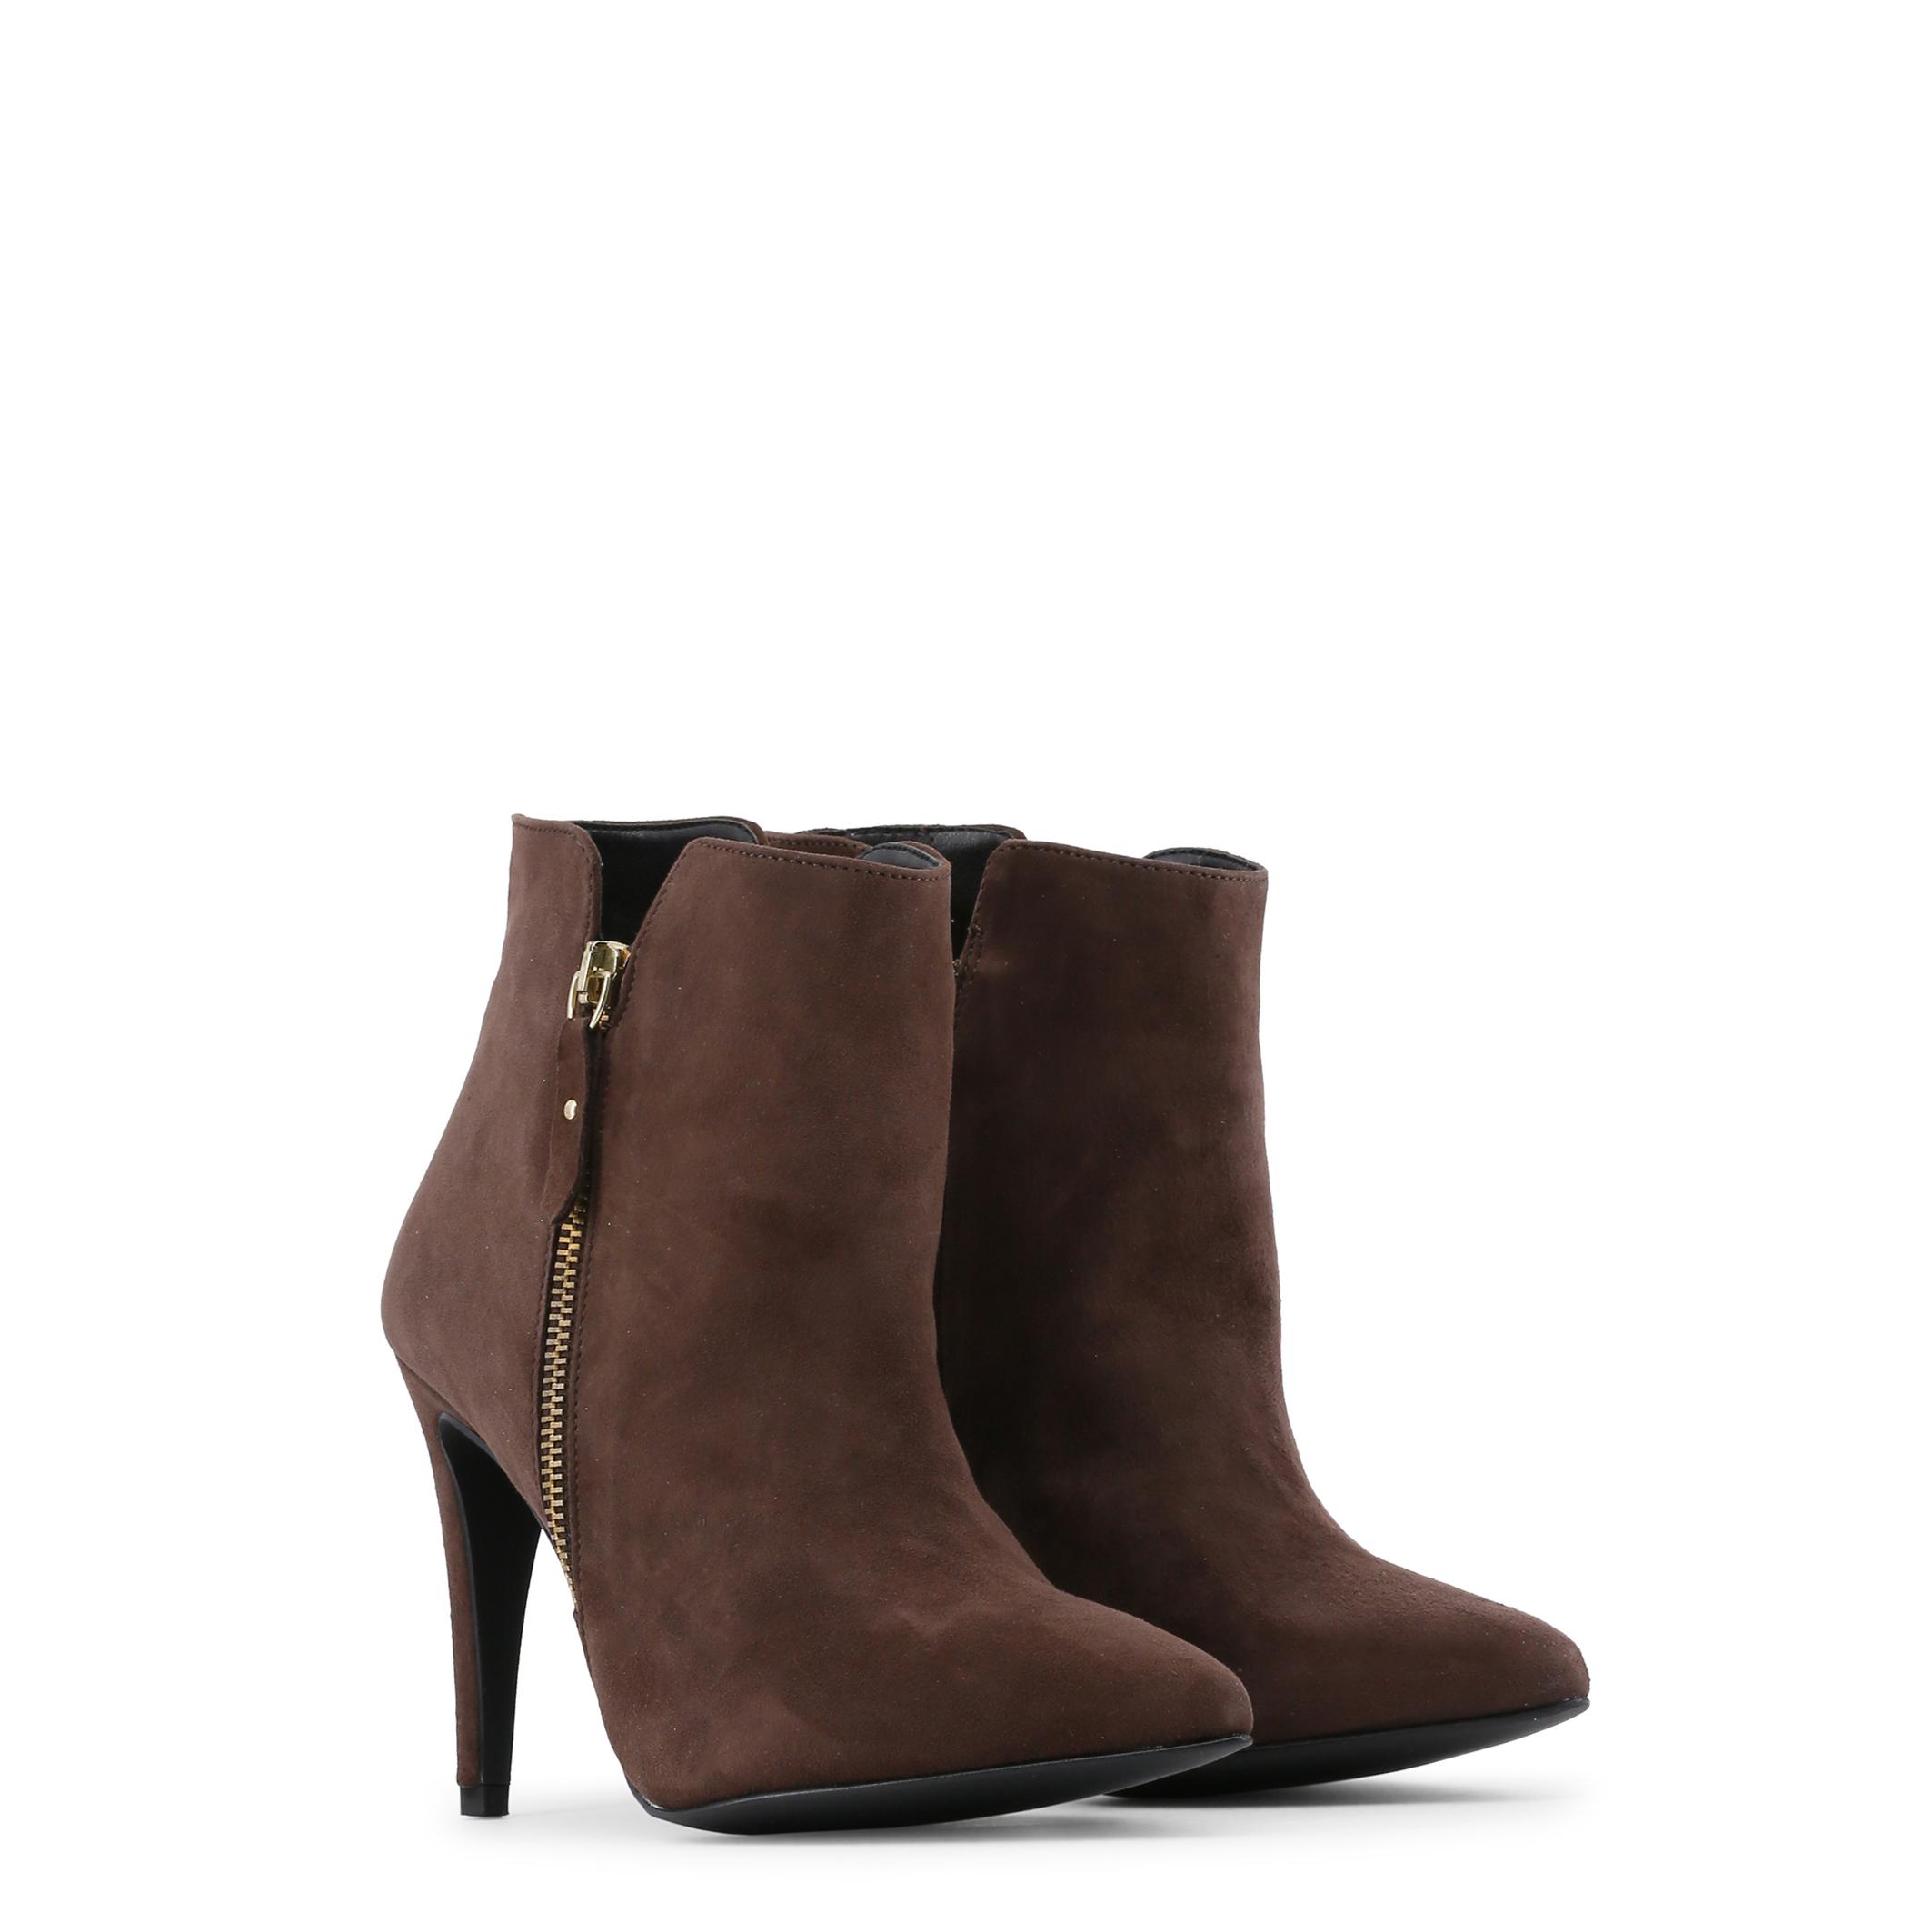 39 EU  Beige (Silk) Chaussures à fermeture éclair Arnaldo Toscani roses Fashion femme  Sandales Bride Cheville Femme  Noir (Negro 0001) 60o8w8XZft